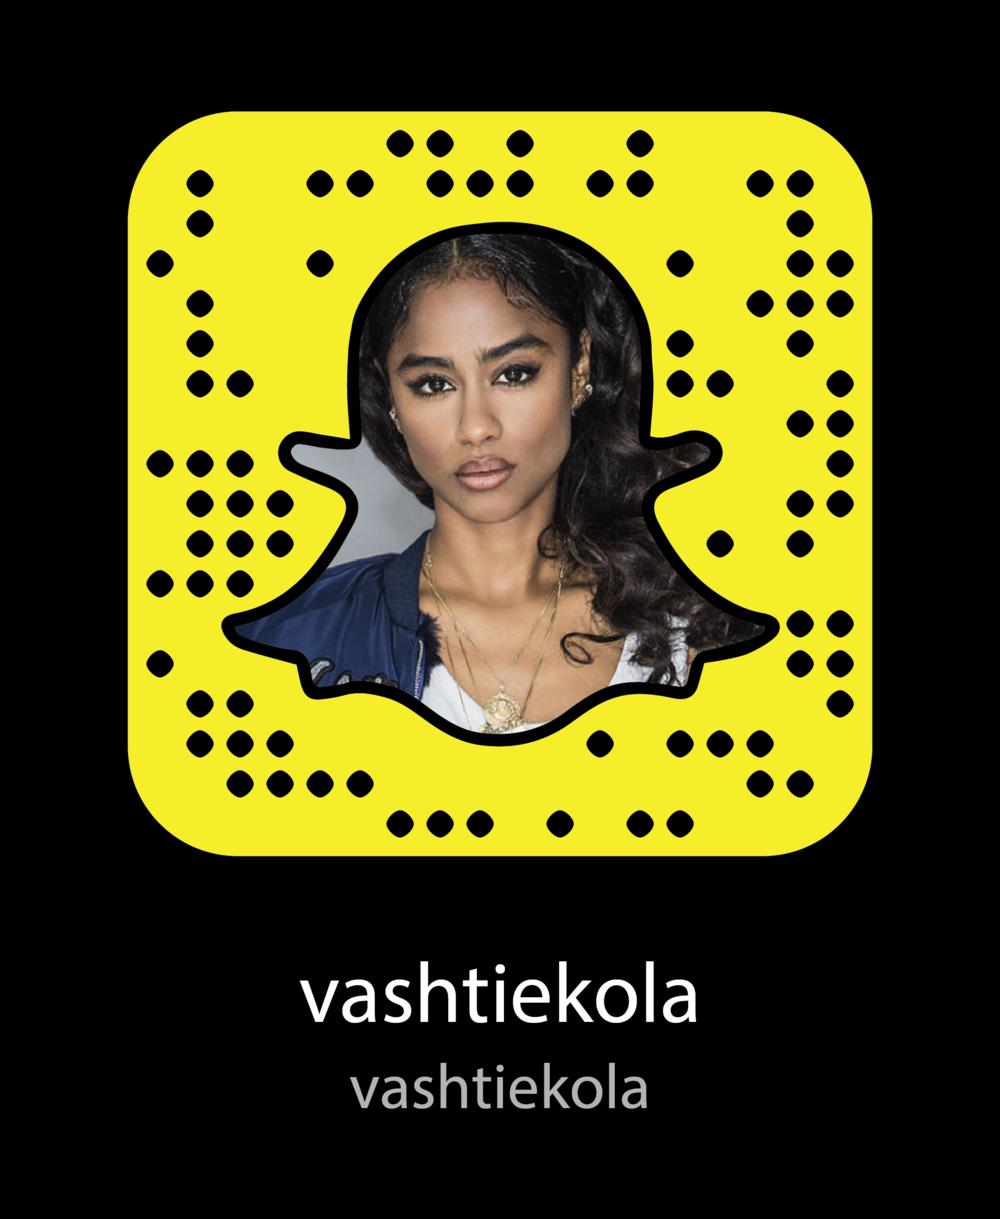 vashtiekola-Beauty-Bloggers-snapchat-snapcode.png